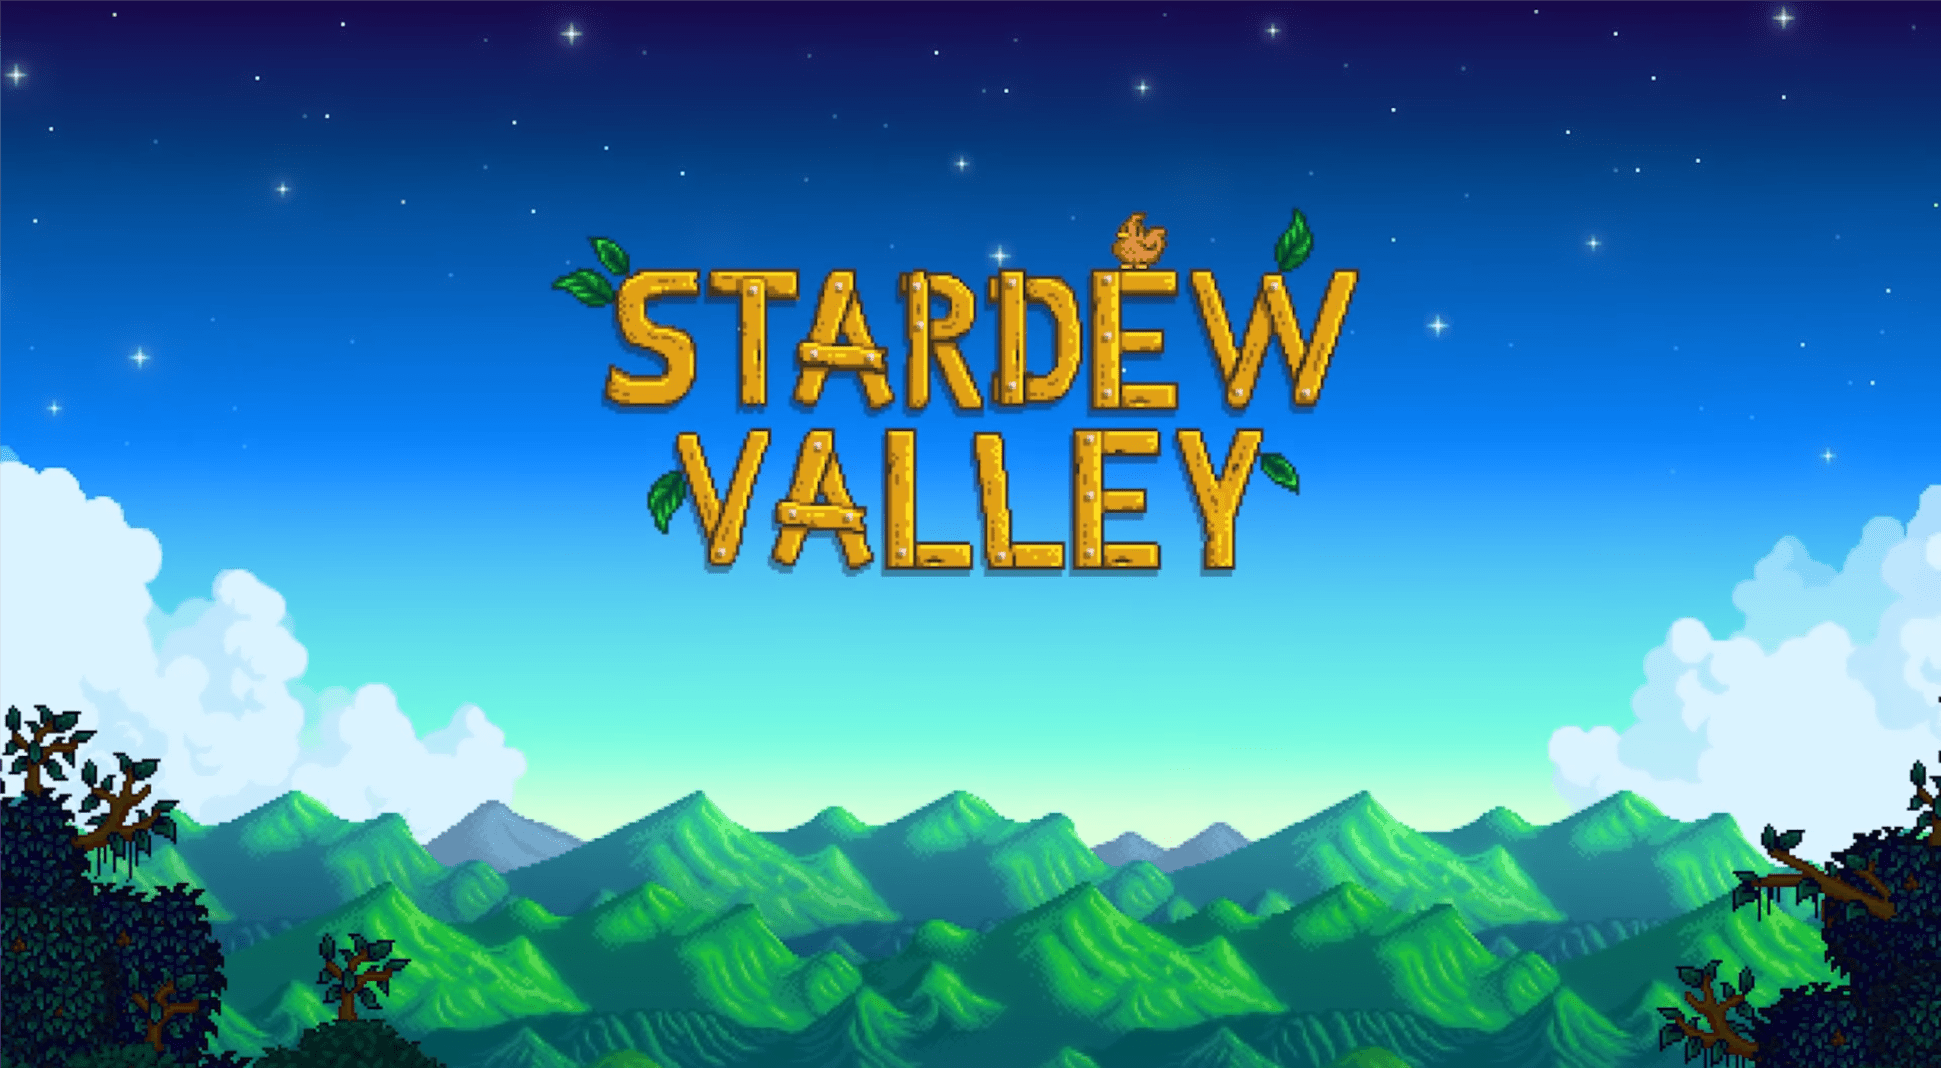 Stardew Valley trafi także na Androida. Wstępna rejestracja w sklepie Google Play już otwarta 18